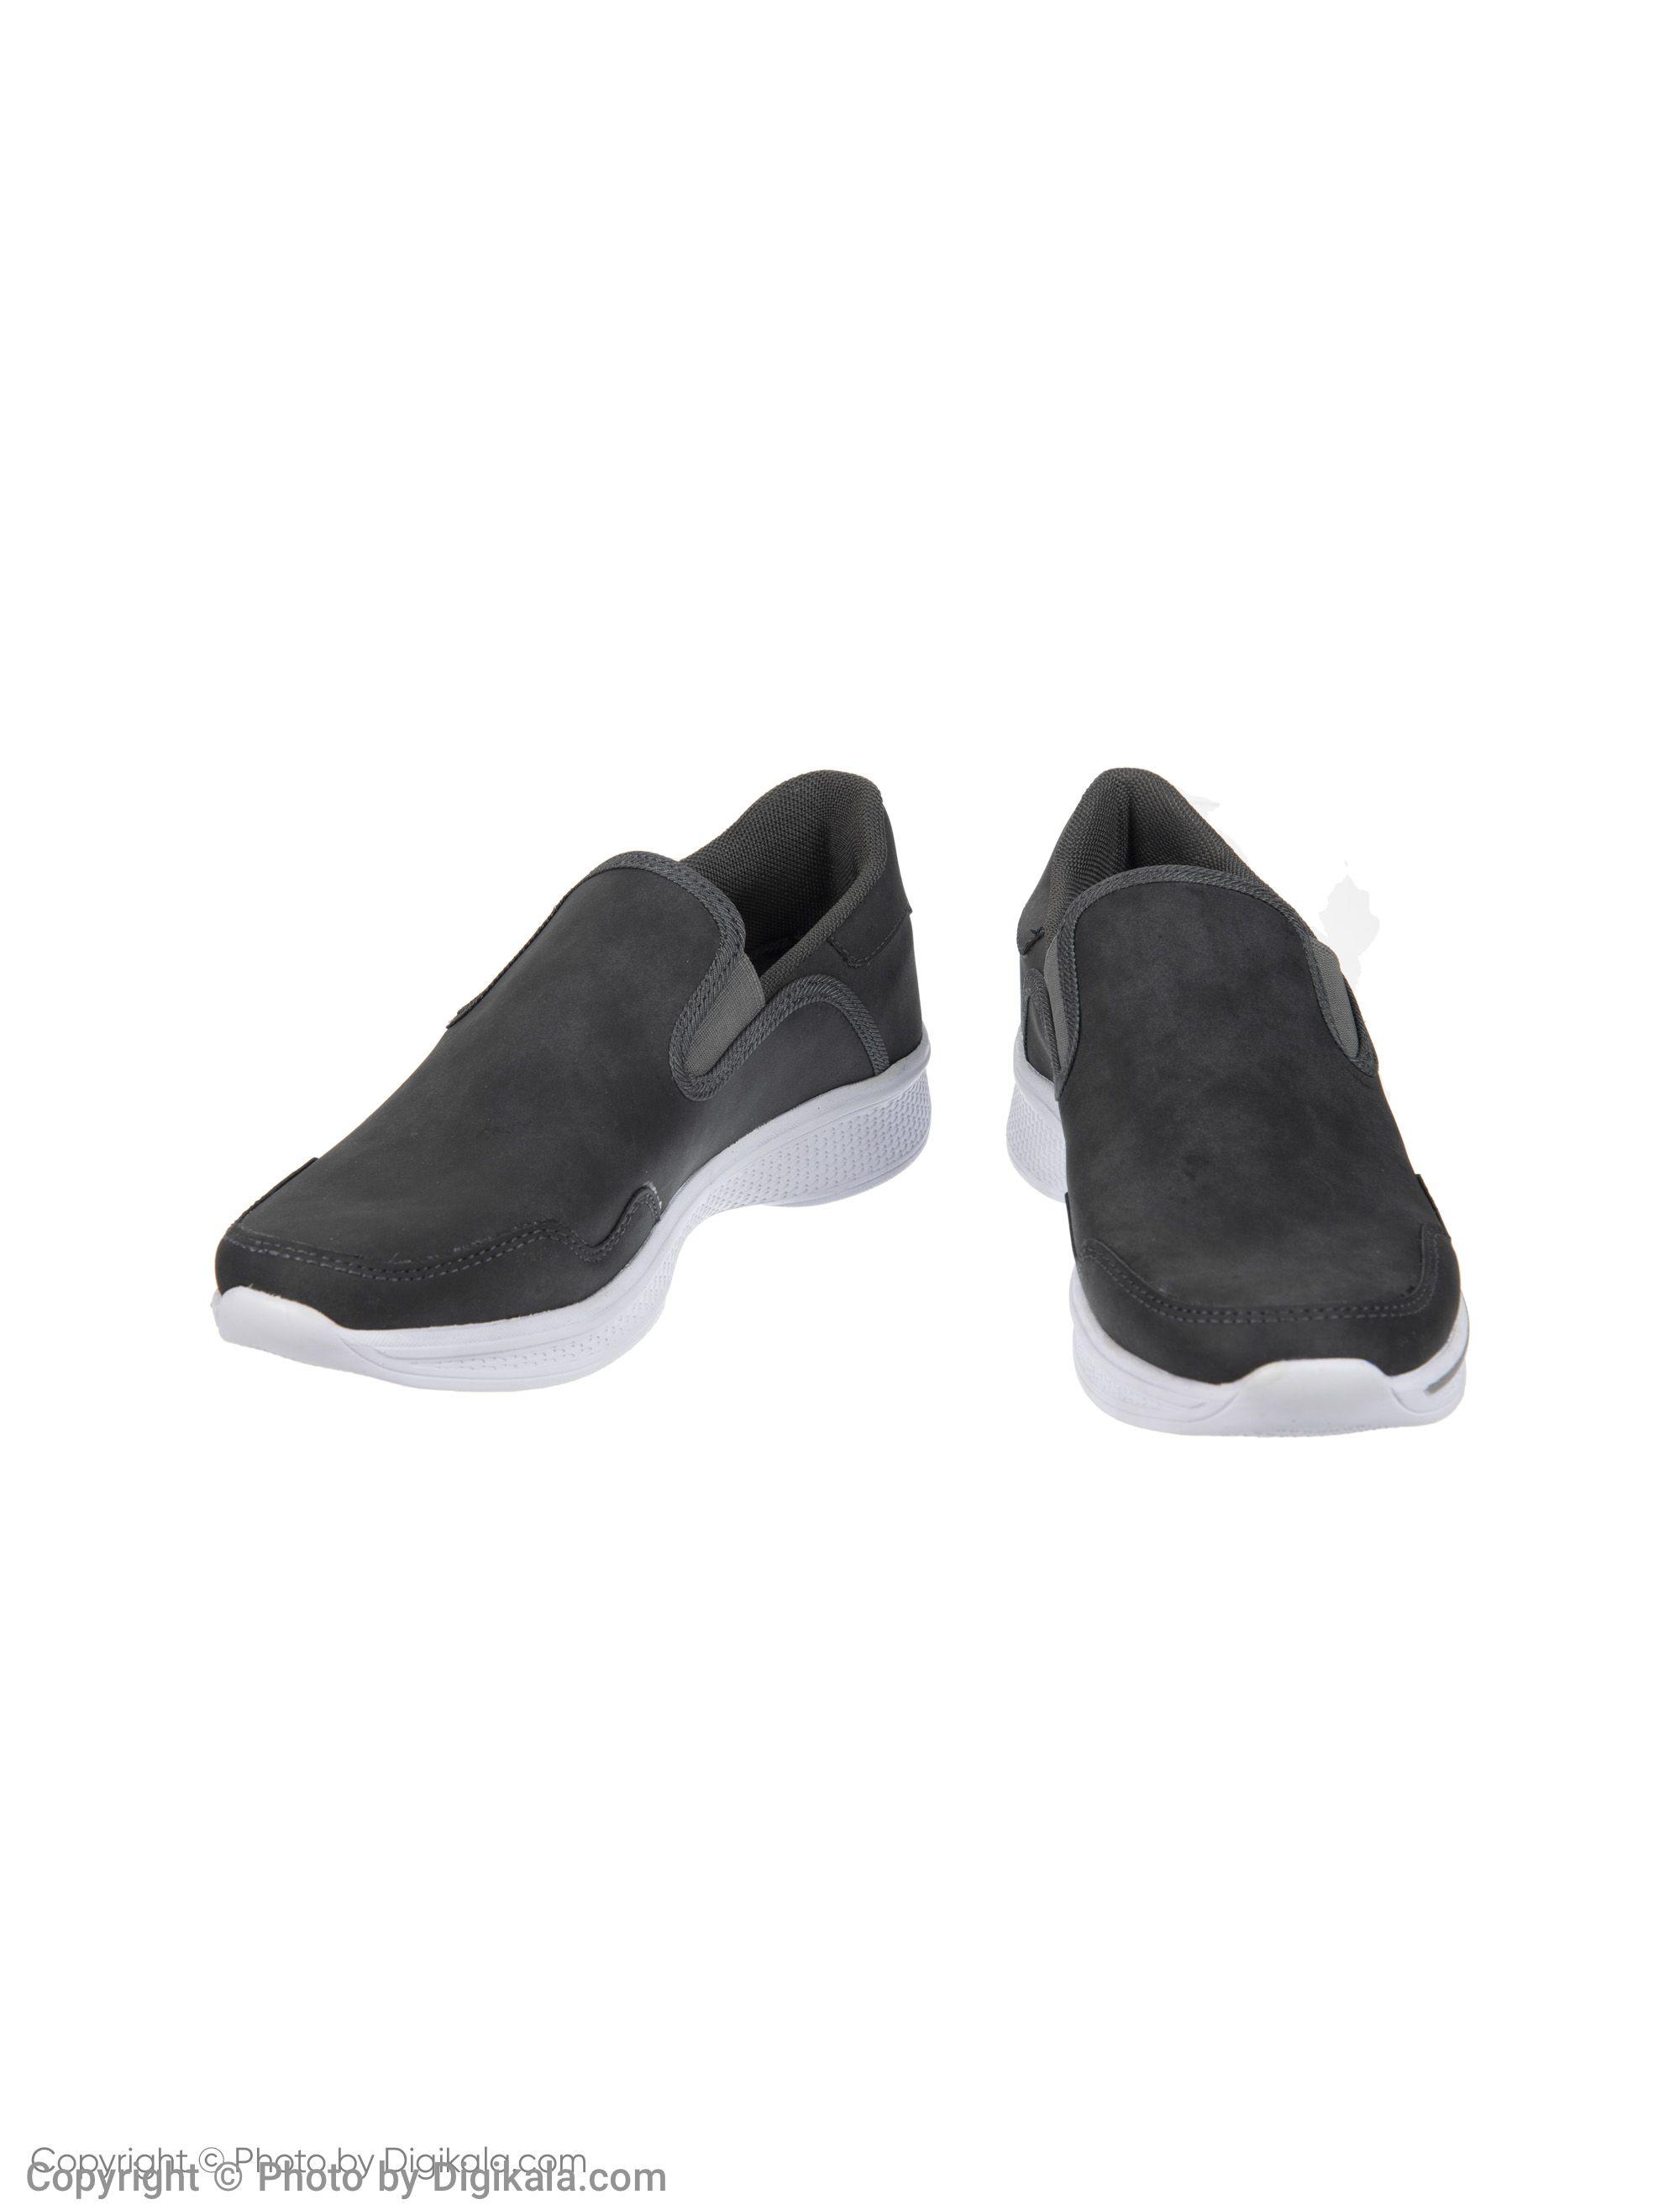 کفش زنانه مل اند موژ مدل W4301-101-2